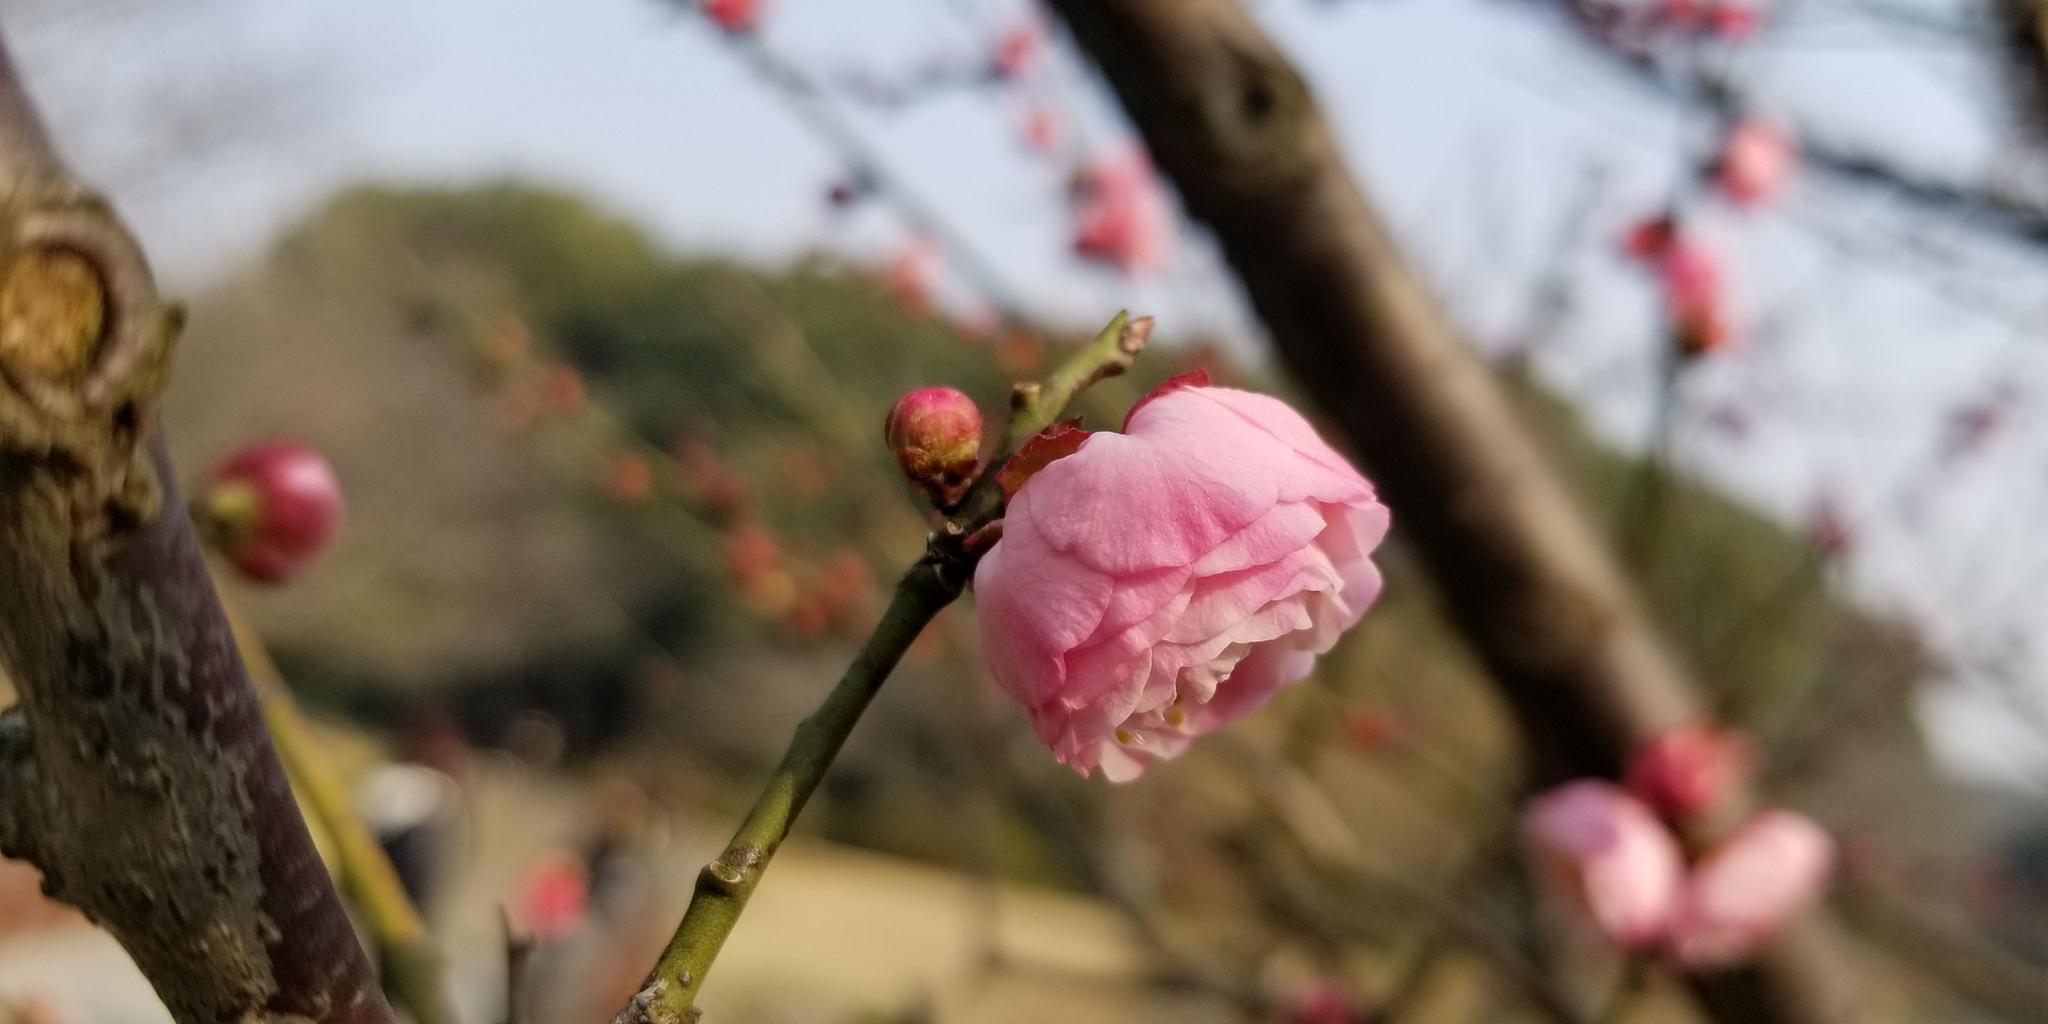 周末无锡鼋头渚里踏青游,意外拍到的这组是梅花还是樱花呢